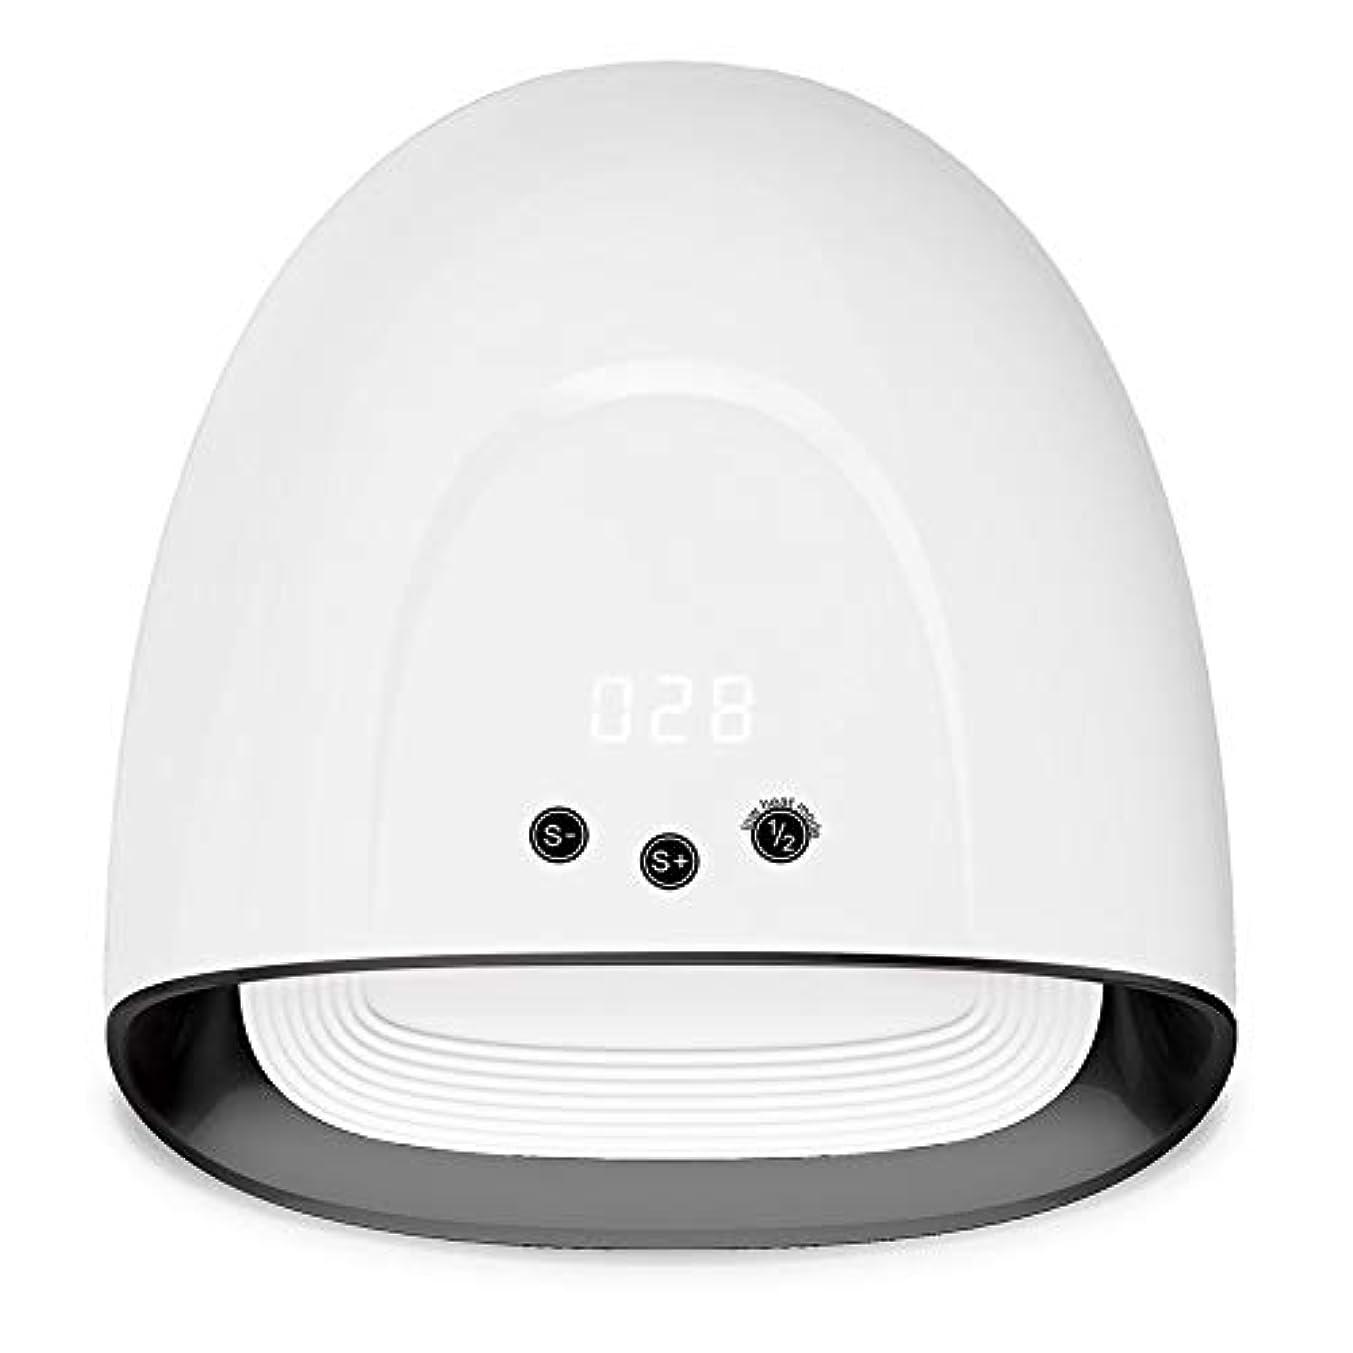 ラップ風景ローブプロフェッショナルネイルライト60W UV LEDライトネイルグルータイマー付き自動ゲルセンサー(30s、60s、99s)ホワイト